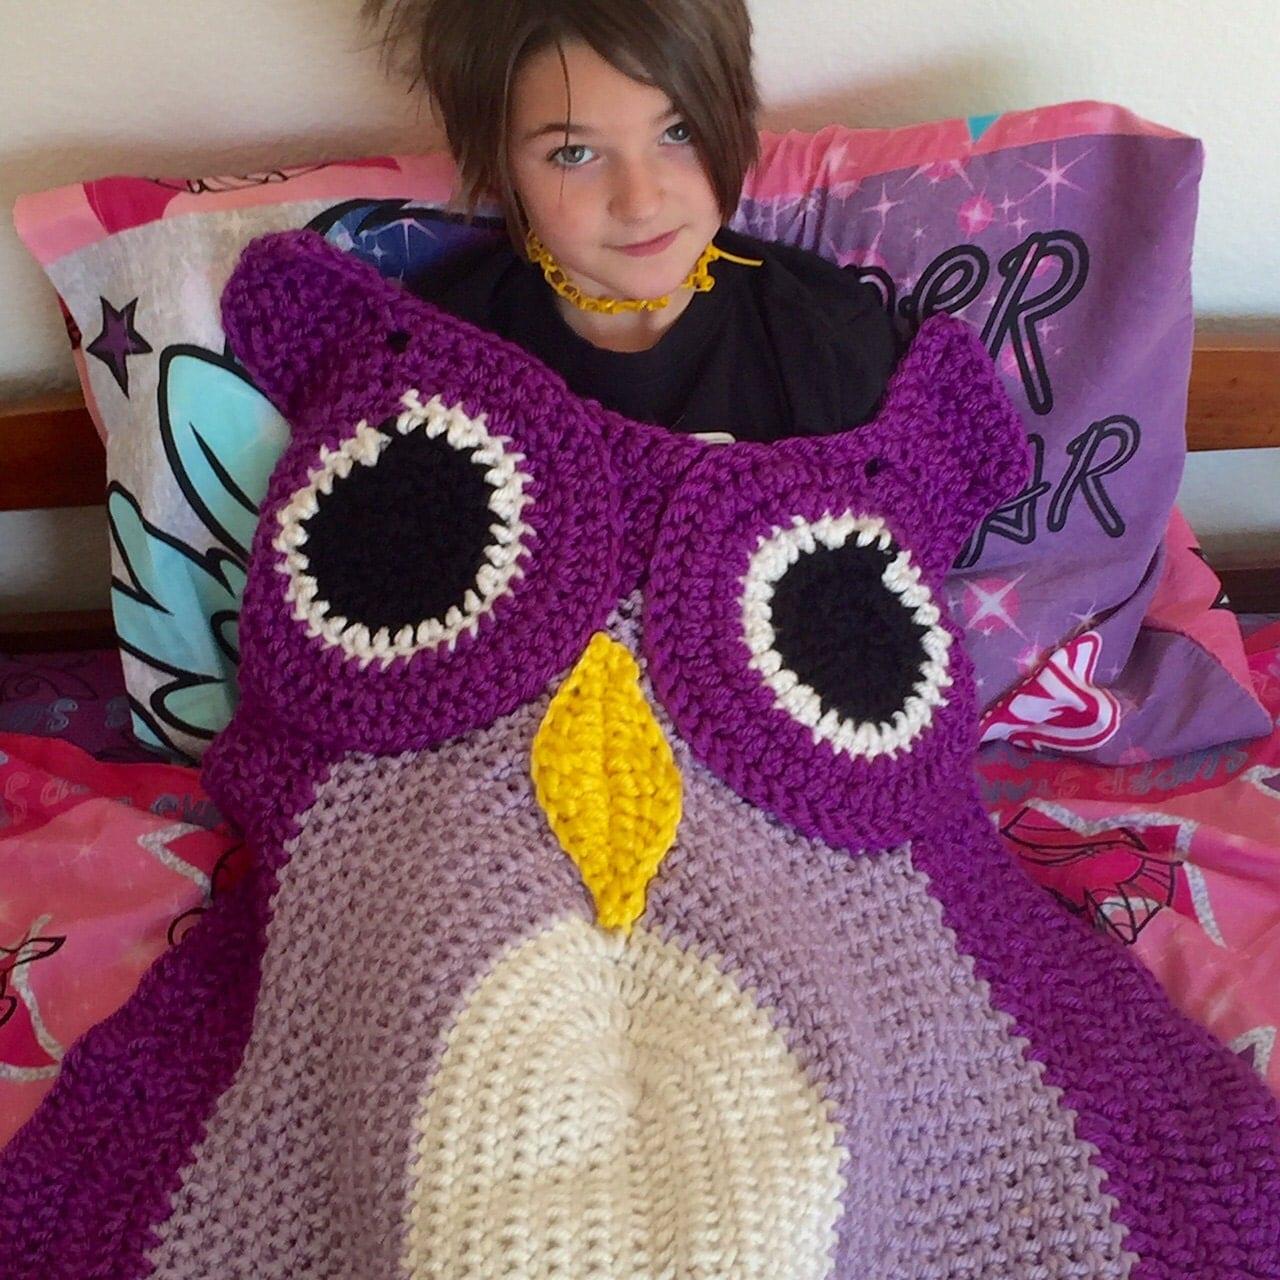 Owl Blanket Crochet Afghan Adult Lapghan Kids by SweetBabyDesi